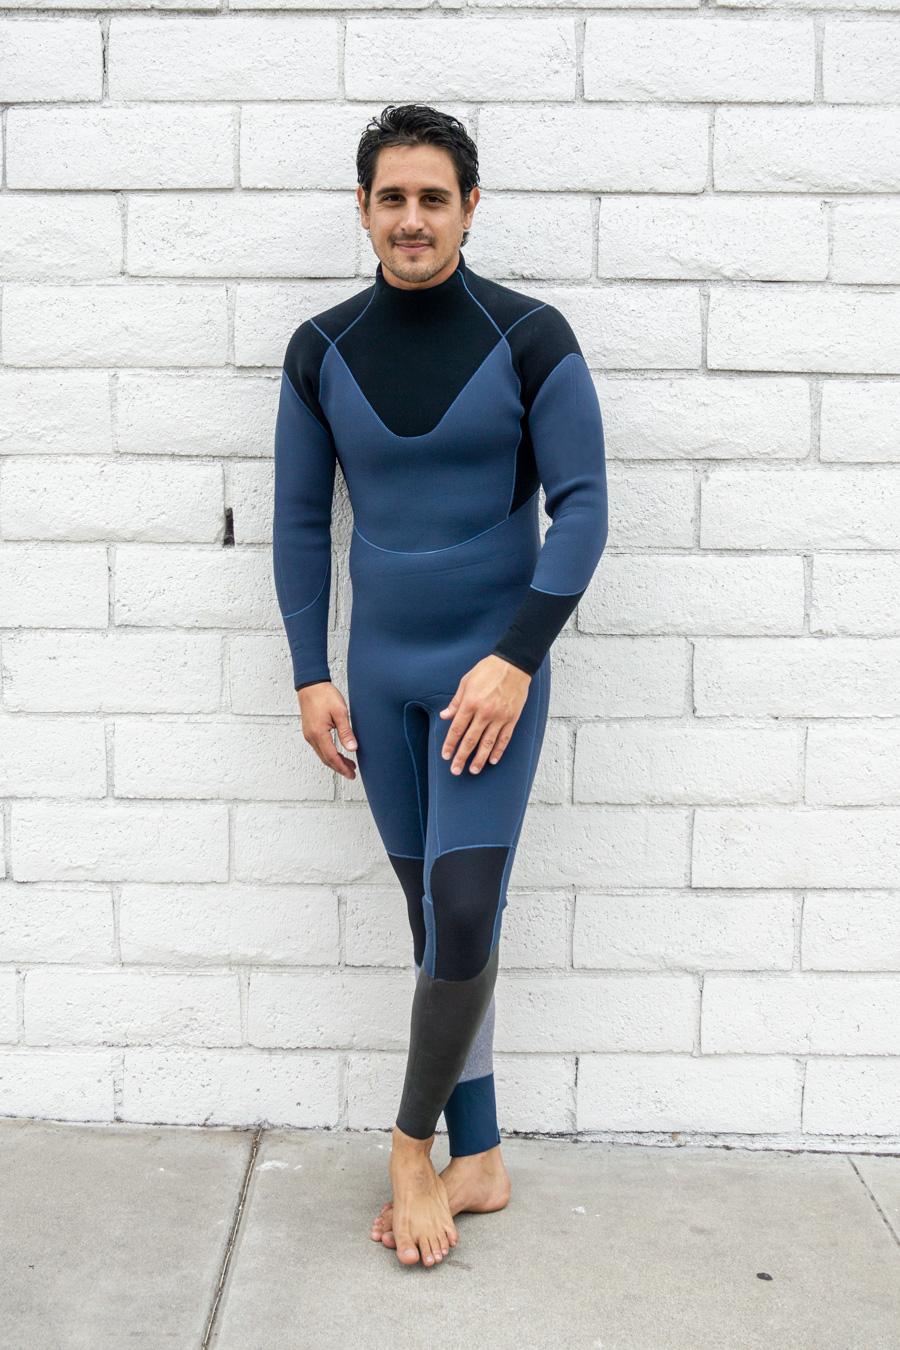 2018/19 ネックエントリー3mm (ボディ)×3mm(袖) フルスーツ ウエットスーツメンズ ポイントカラー1色無料ウェットスーツ ジャーフル 男性用オーダー サーフィン